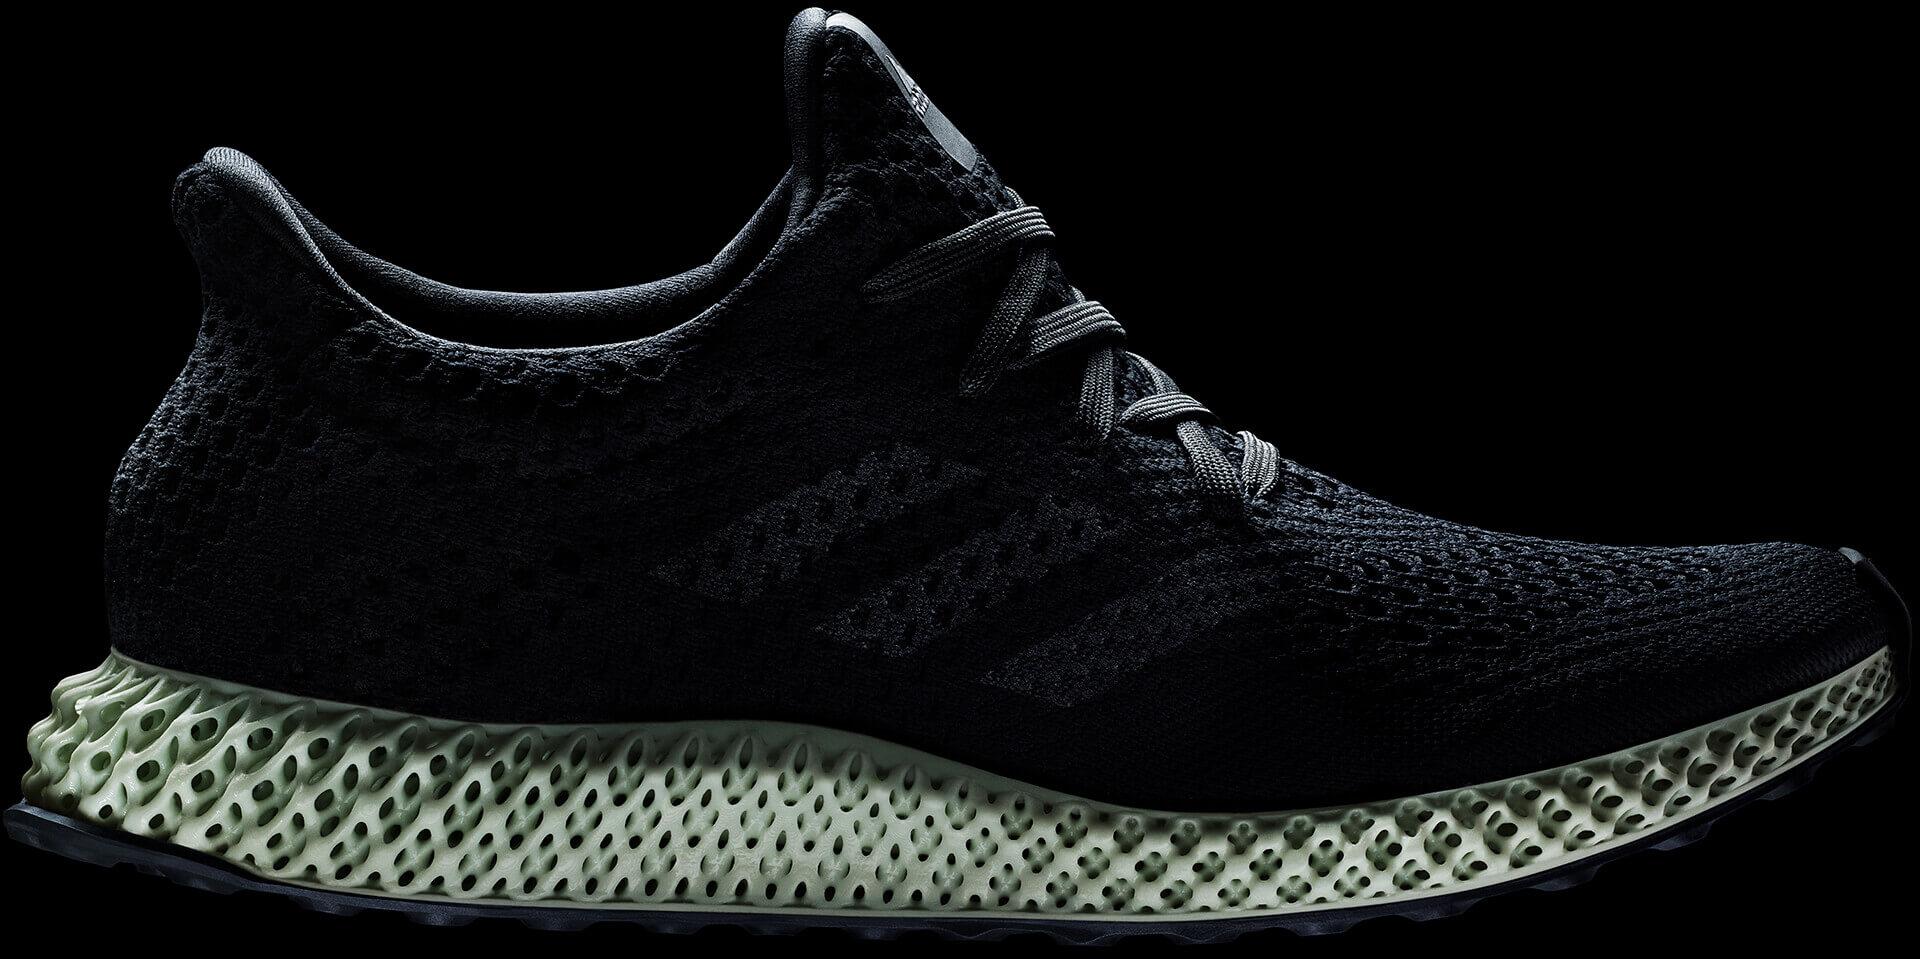 Adidas Speedfactories: So stellt sich Adidas die Fabrik der